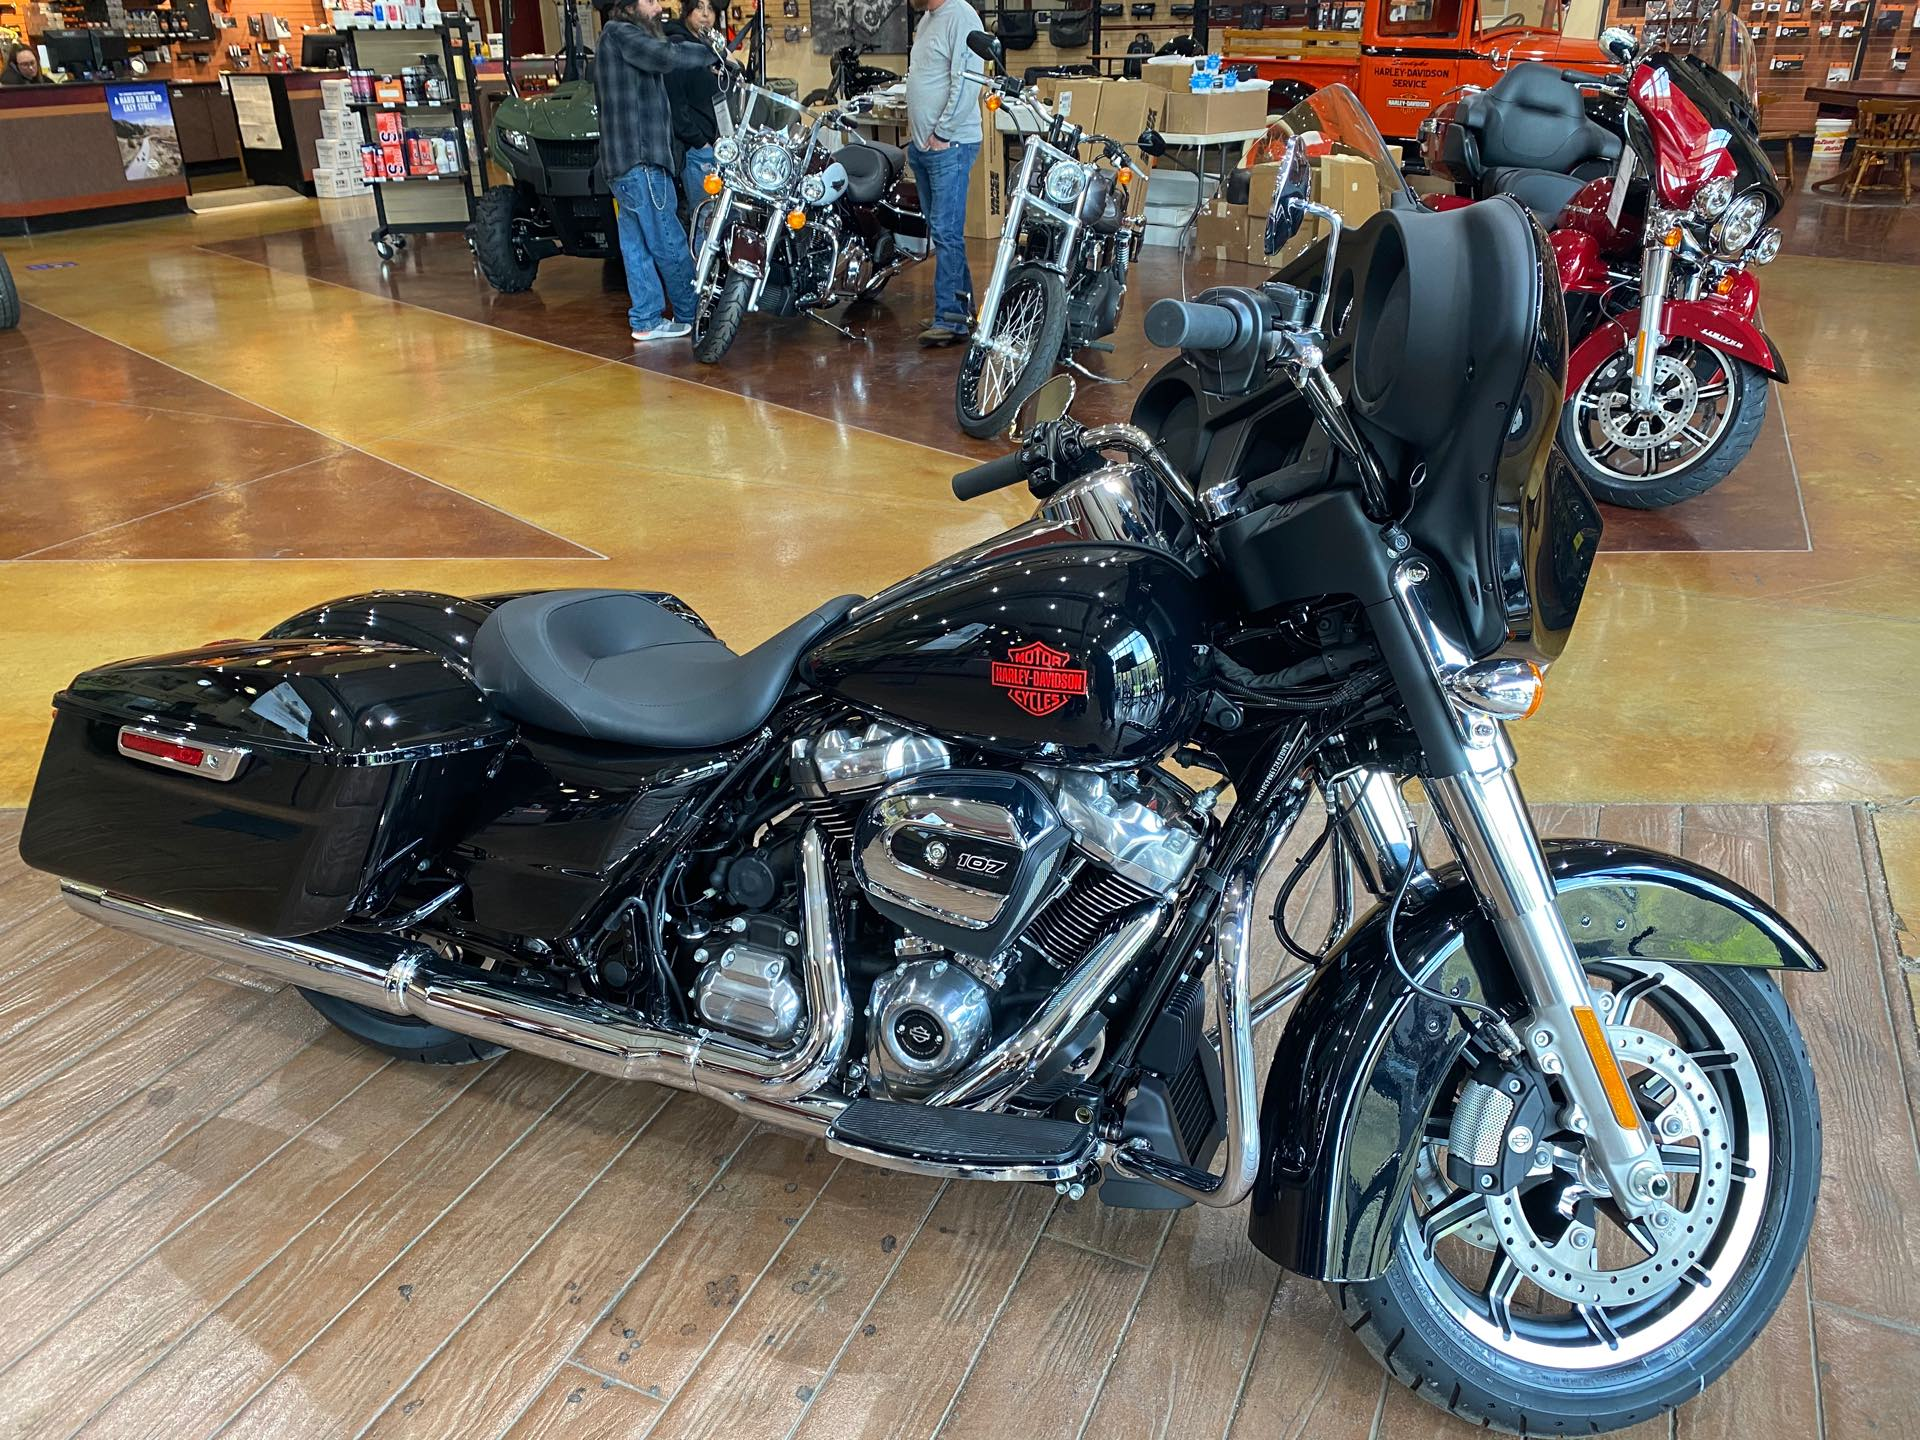 2021 Harley-Davidson Touring FLHT Electra Glide Standard at Gold Star Harley-Davidson